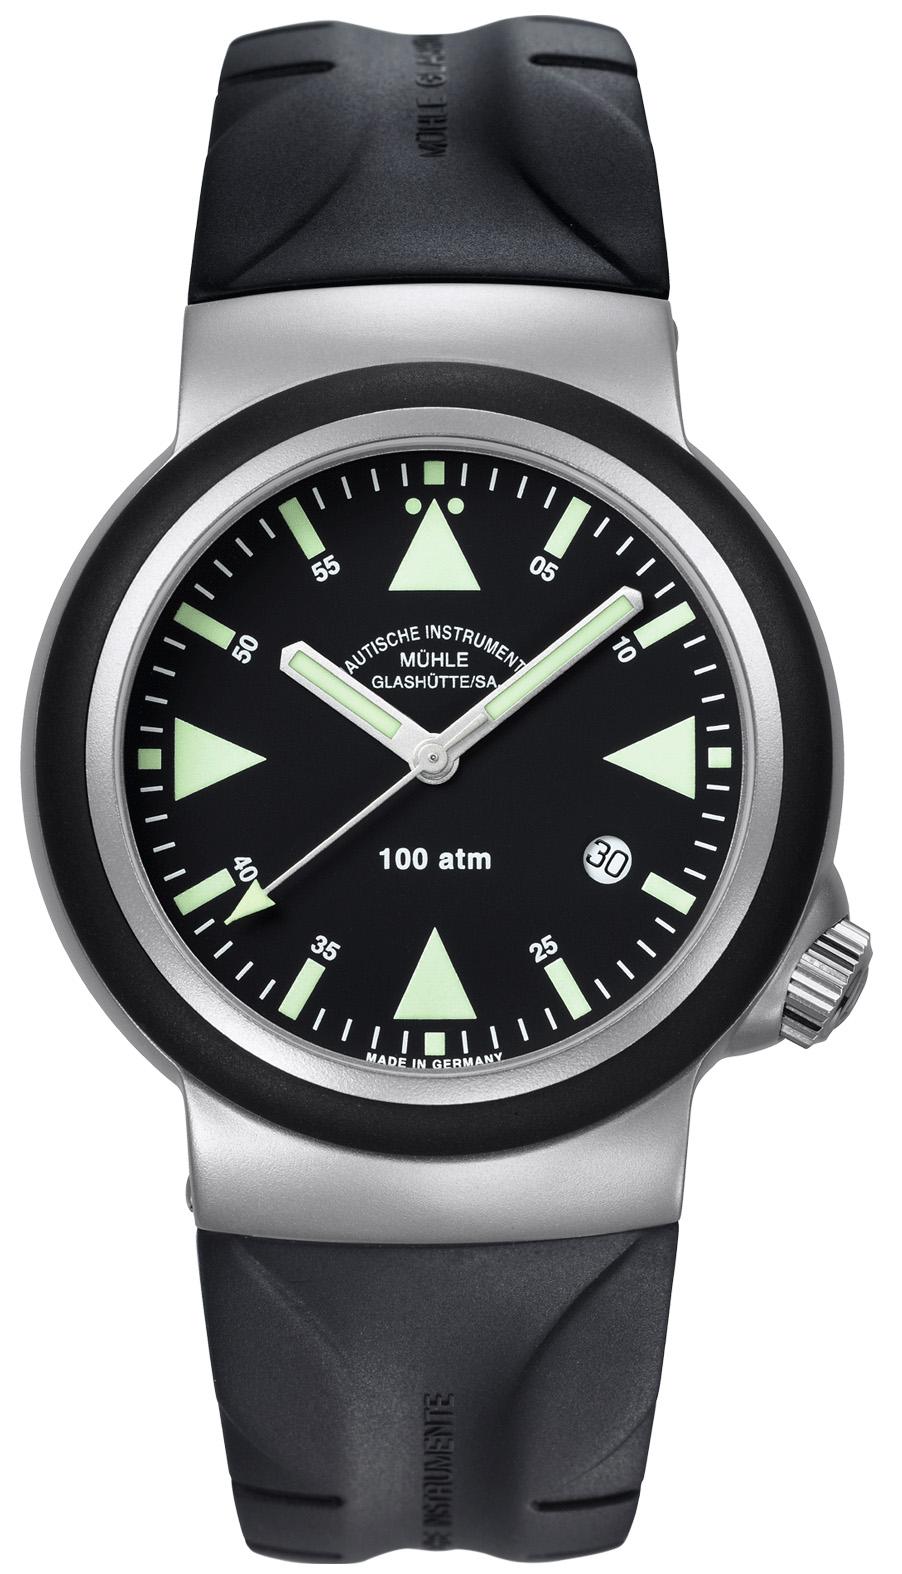 格拉苏蒂·莫勒Nautical Wristwatches系列 M1-41-03-KB 机械男表